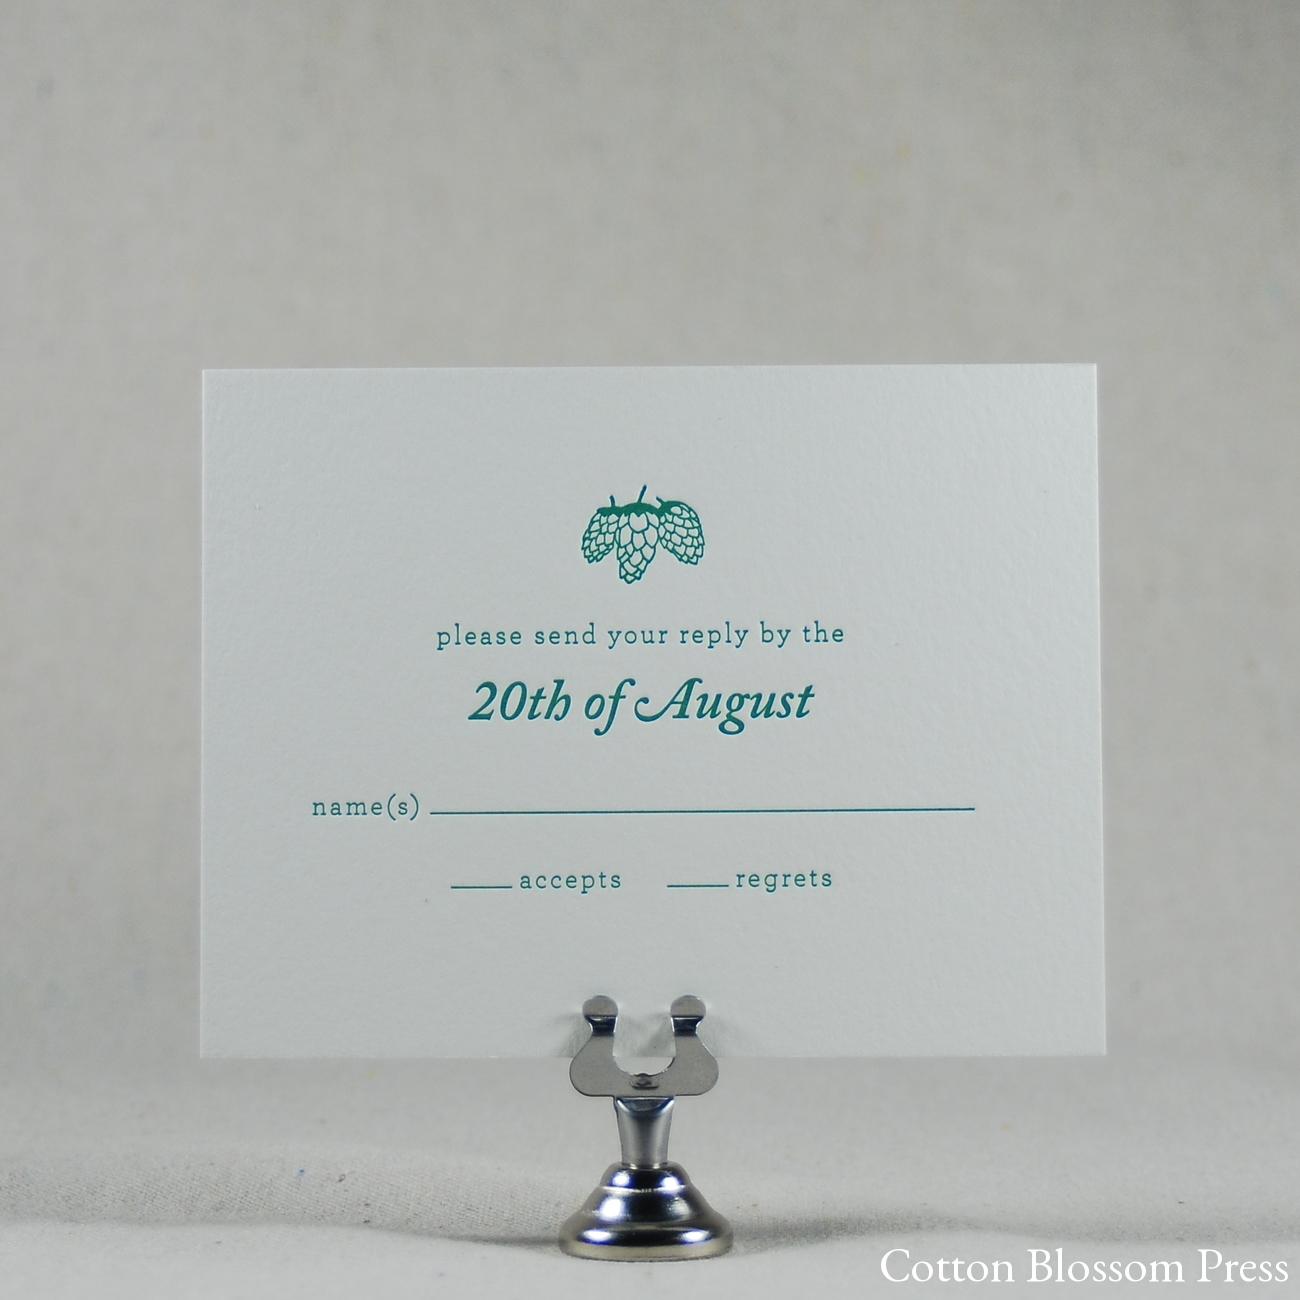 Wedding_Shawn_Reply.JPG